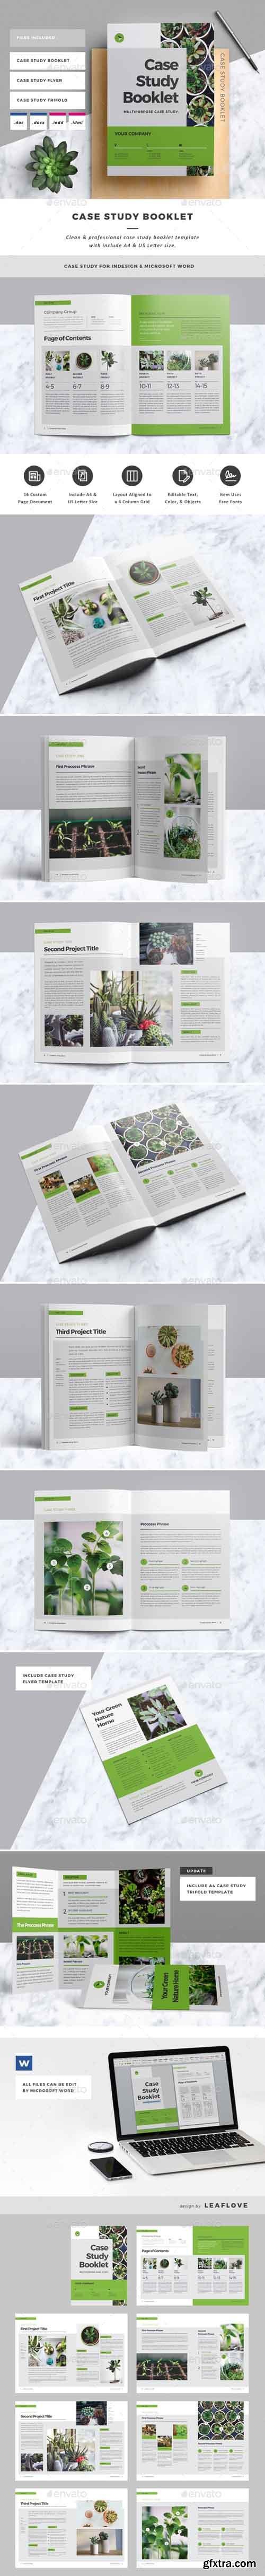 GR - Case Study Booklet 16912181